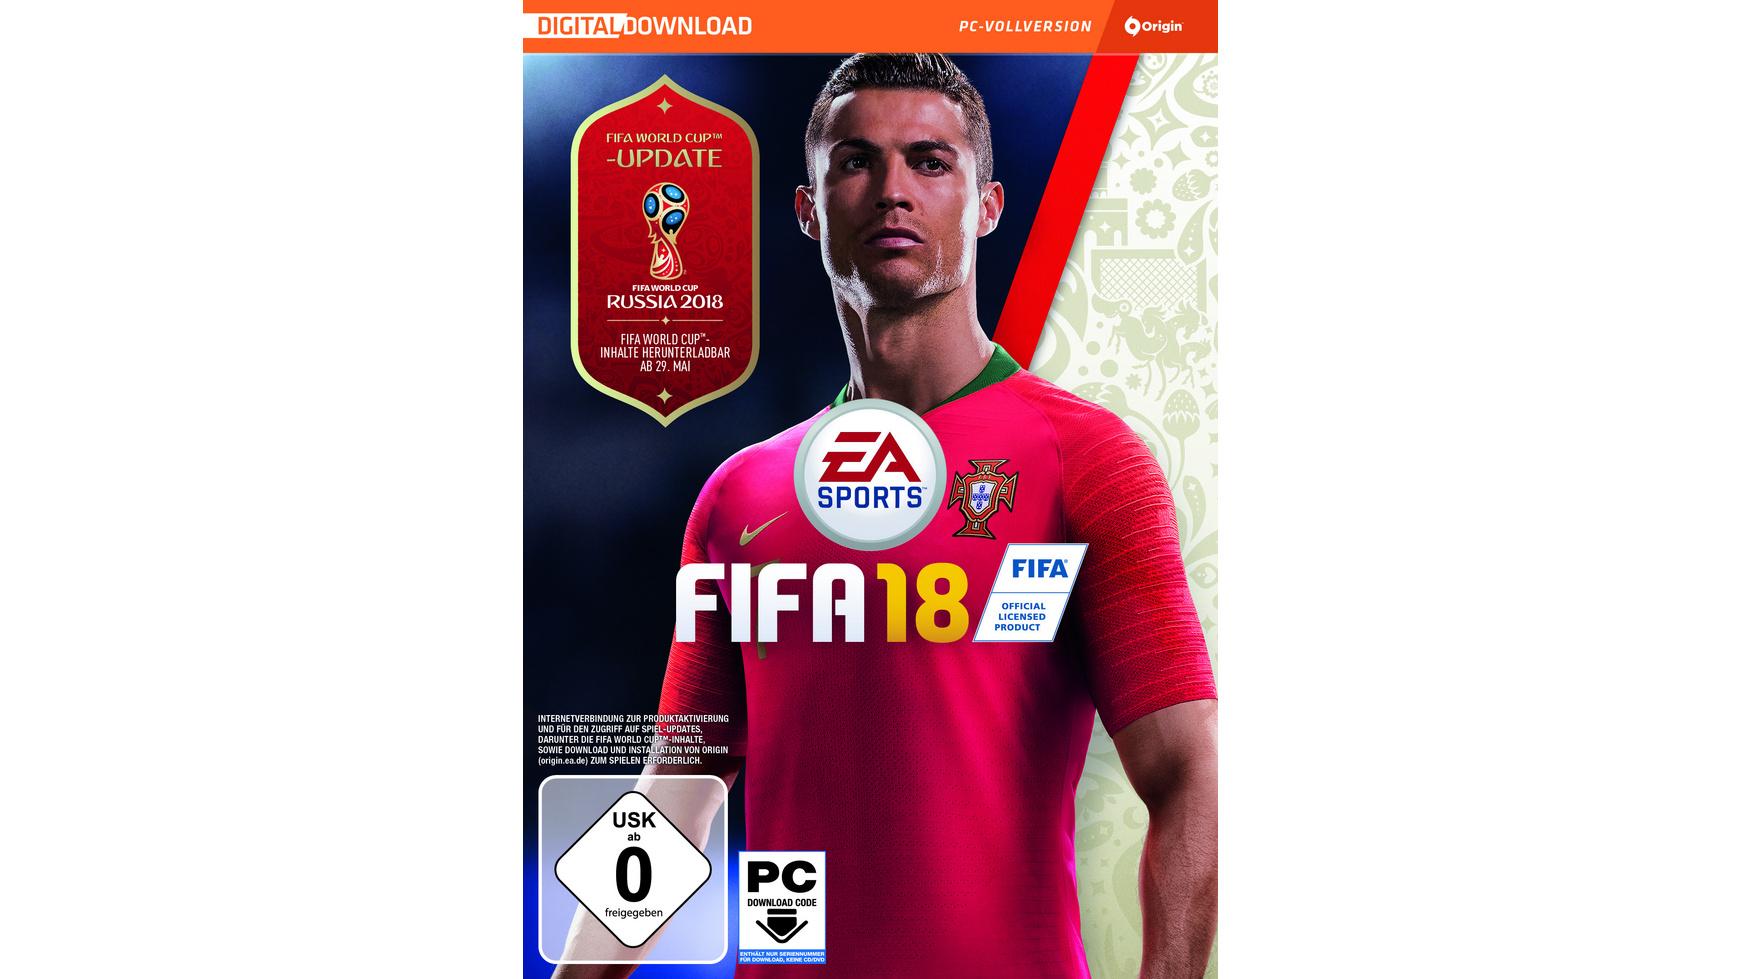 PC-Spiele: FIFA 18 inkl. WM-Update, Doom (USK18/100% Uncut) boxed-Versionen usw.